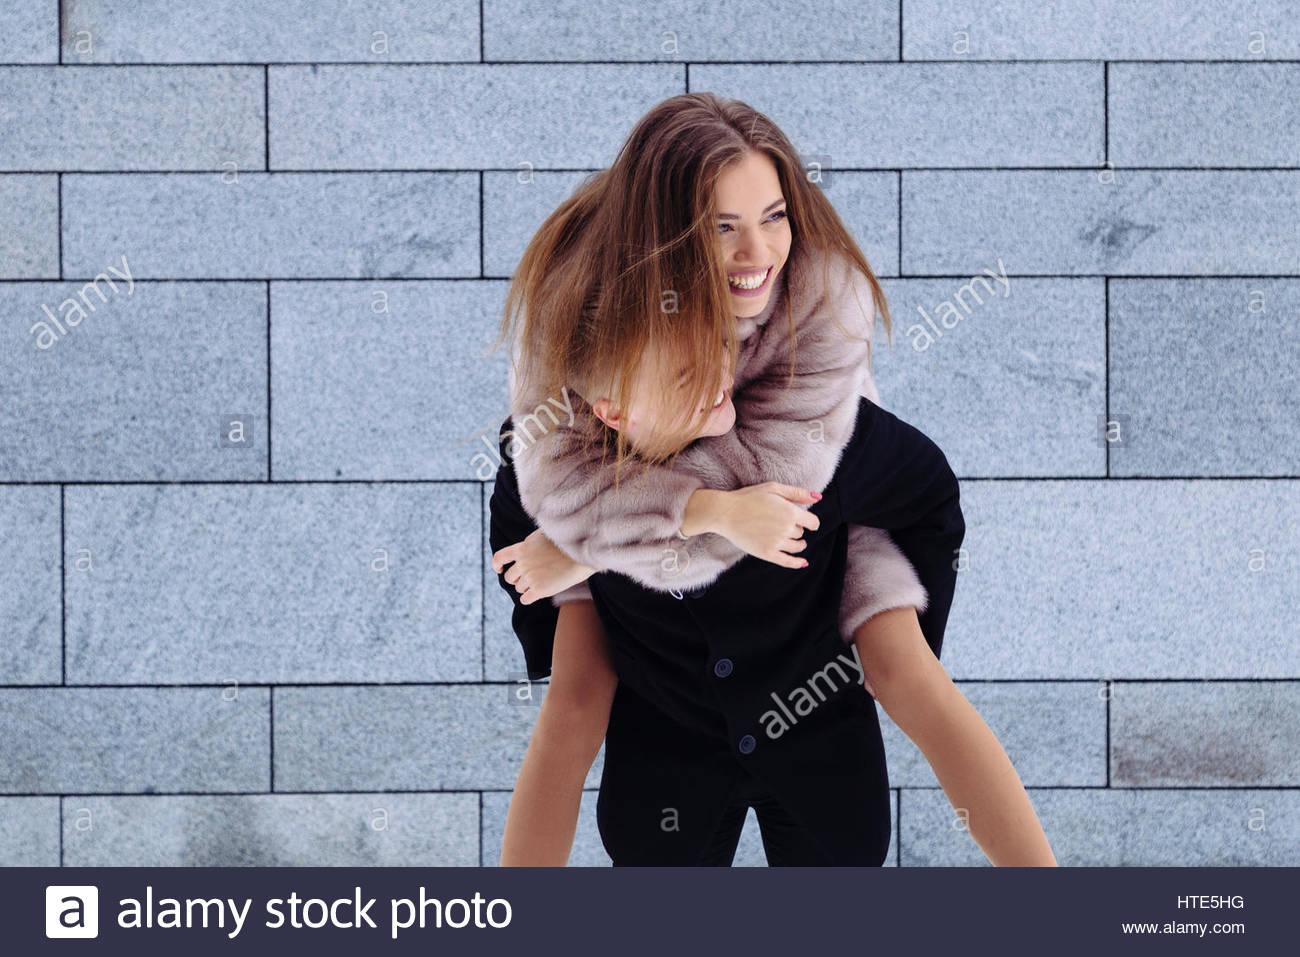 Porträt eines gutaussehenden Mann huckepack seine Freundin auf Urlaub. Stockbild